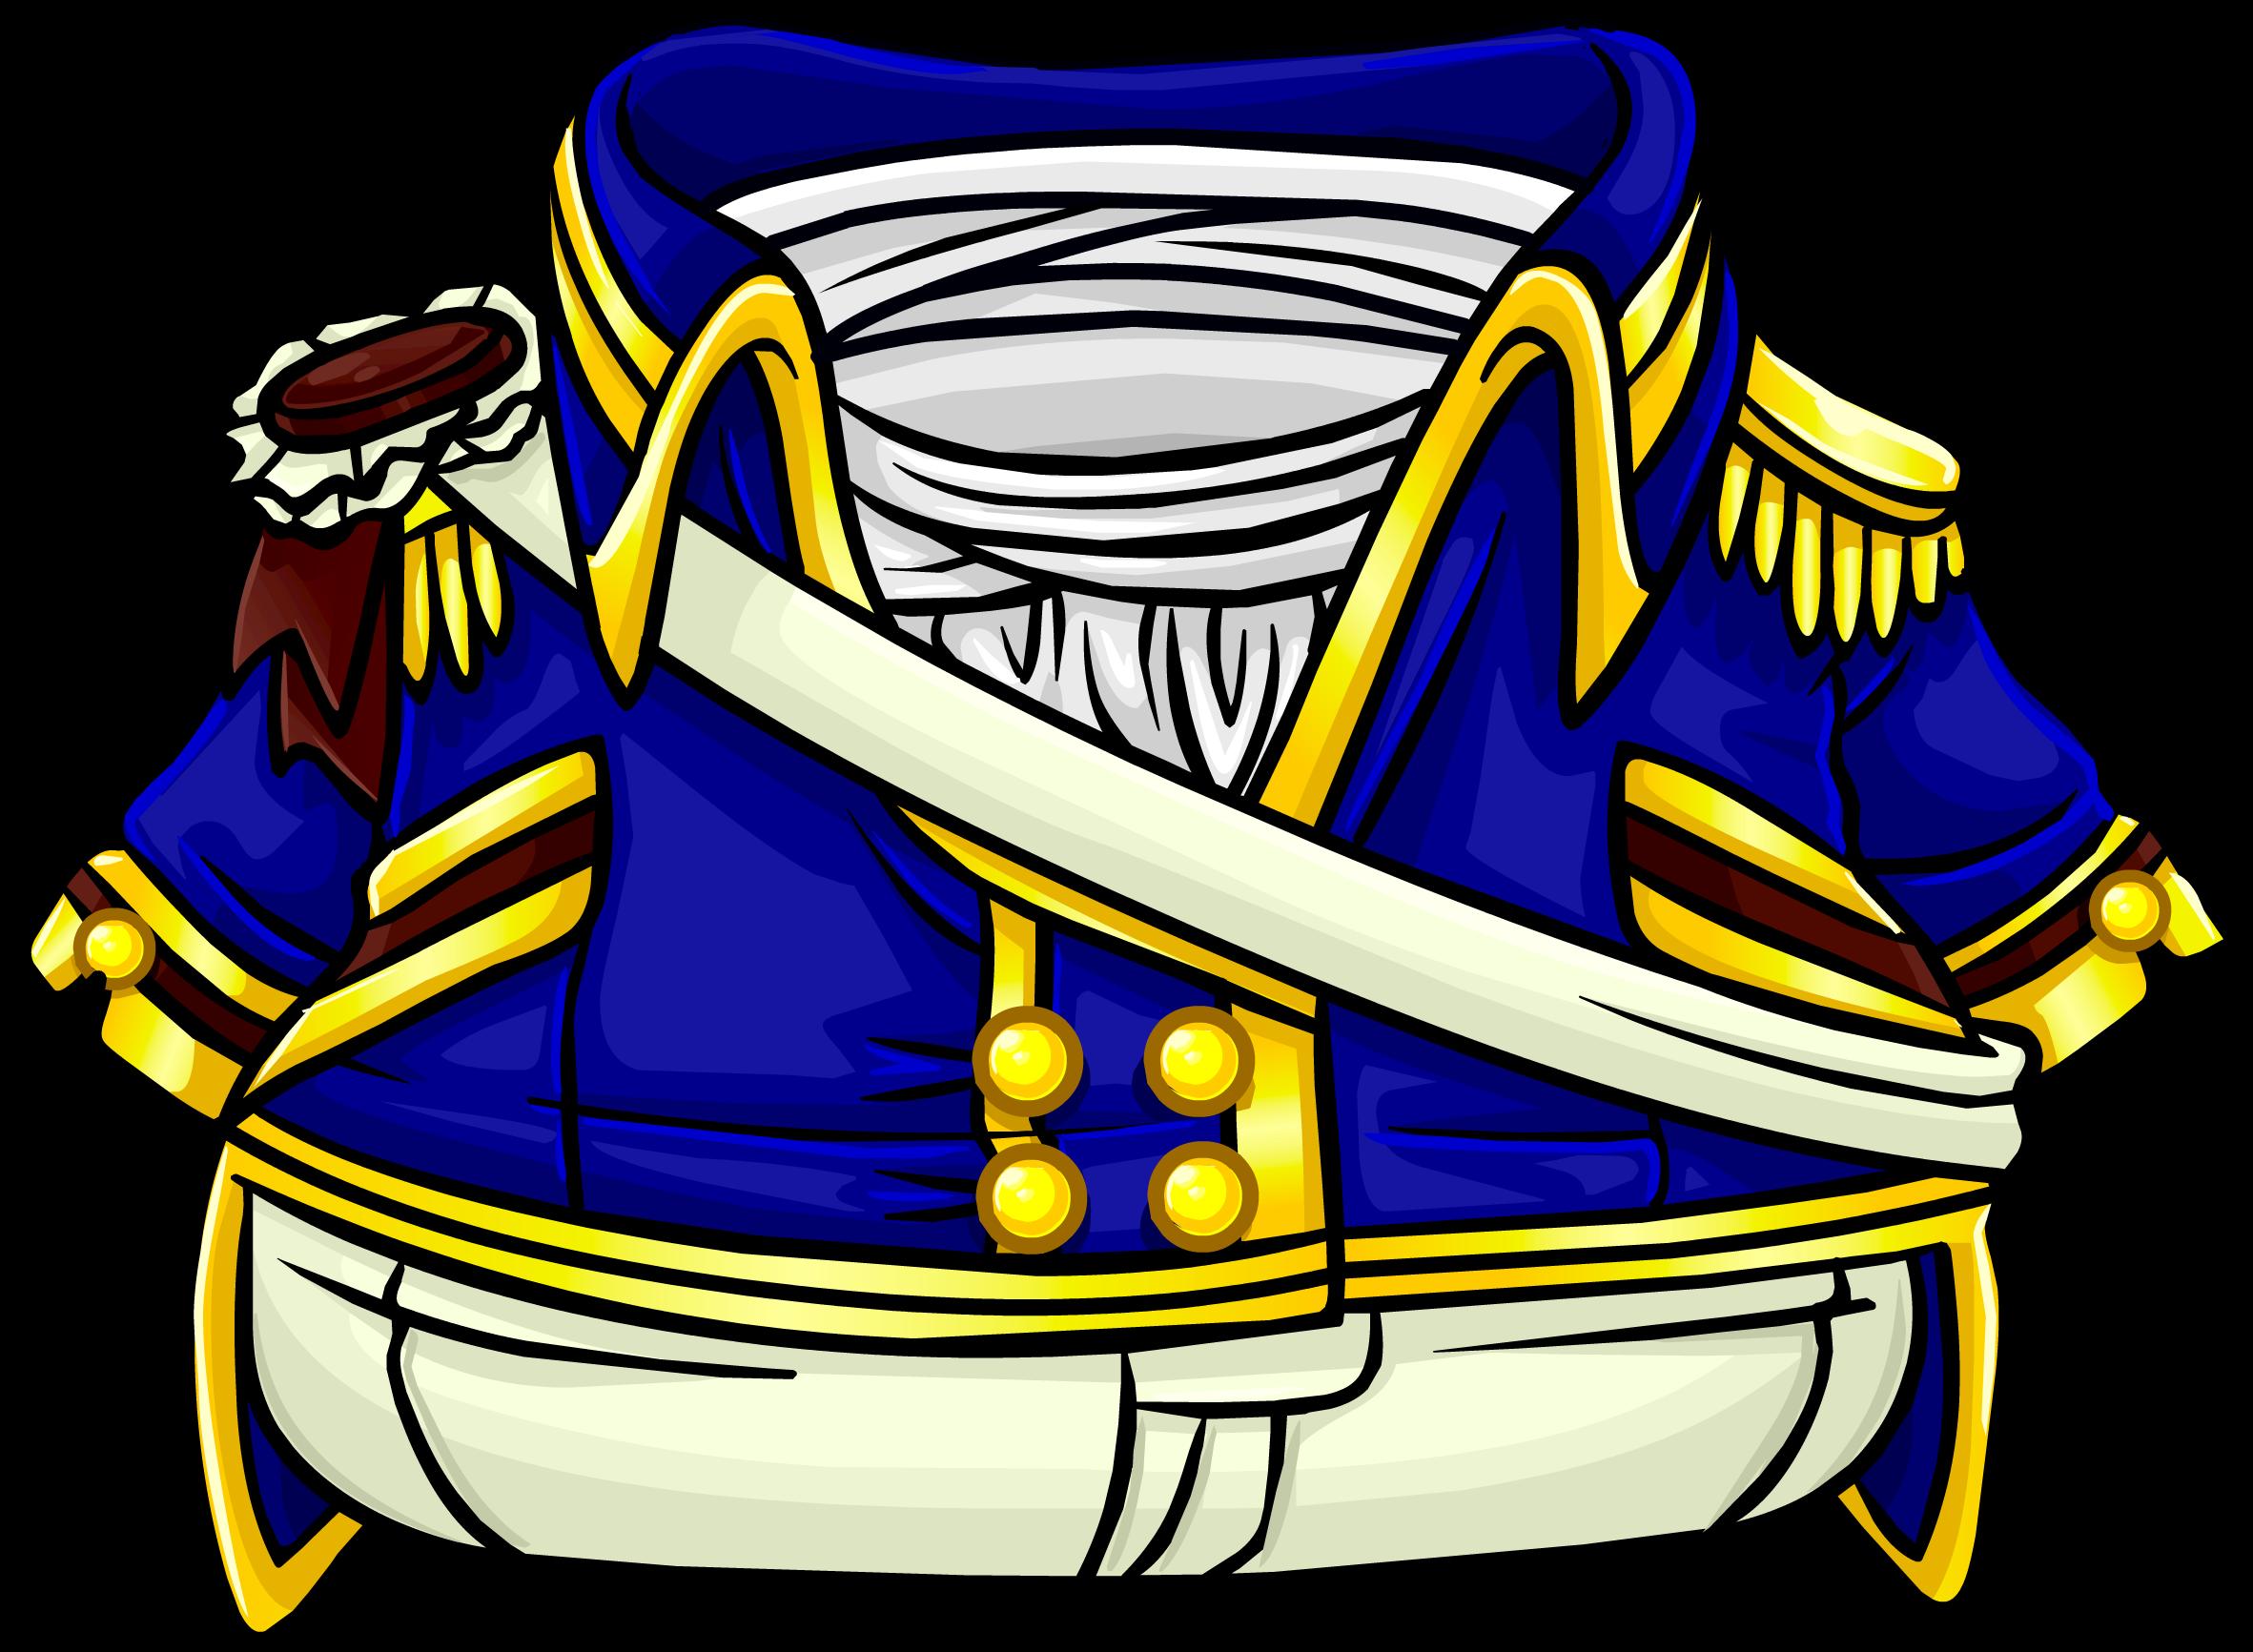 Admirals Coat